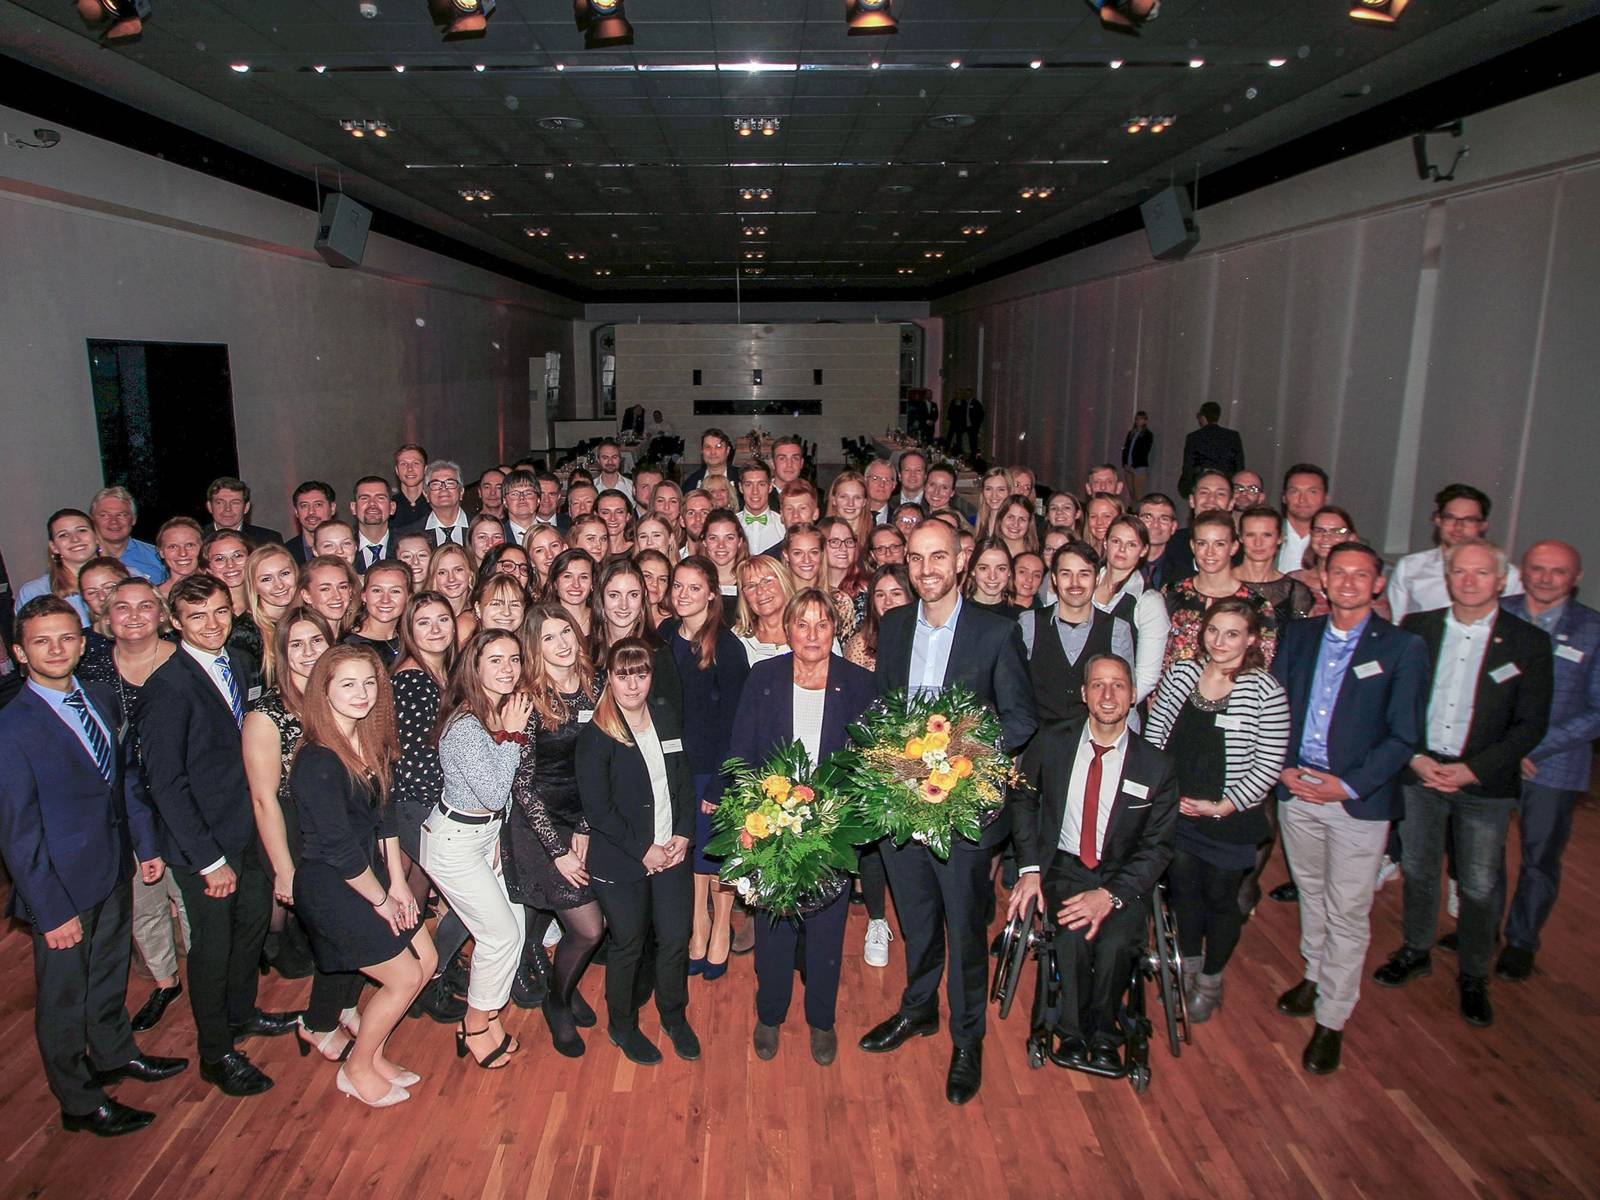 Eine große Gruppe Menschen in einem Saal